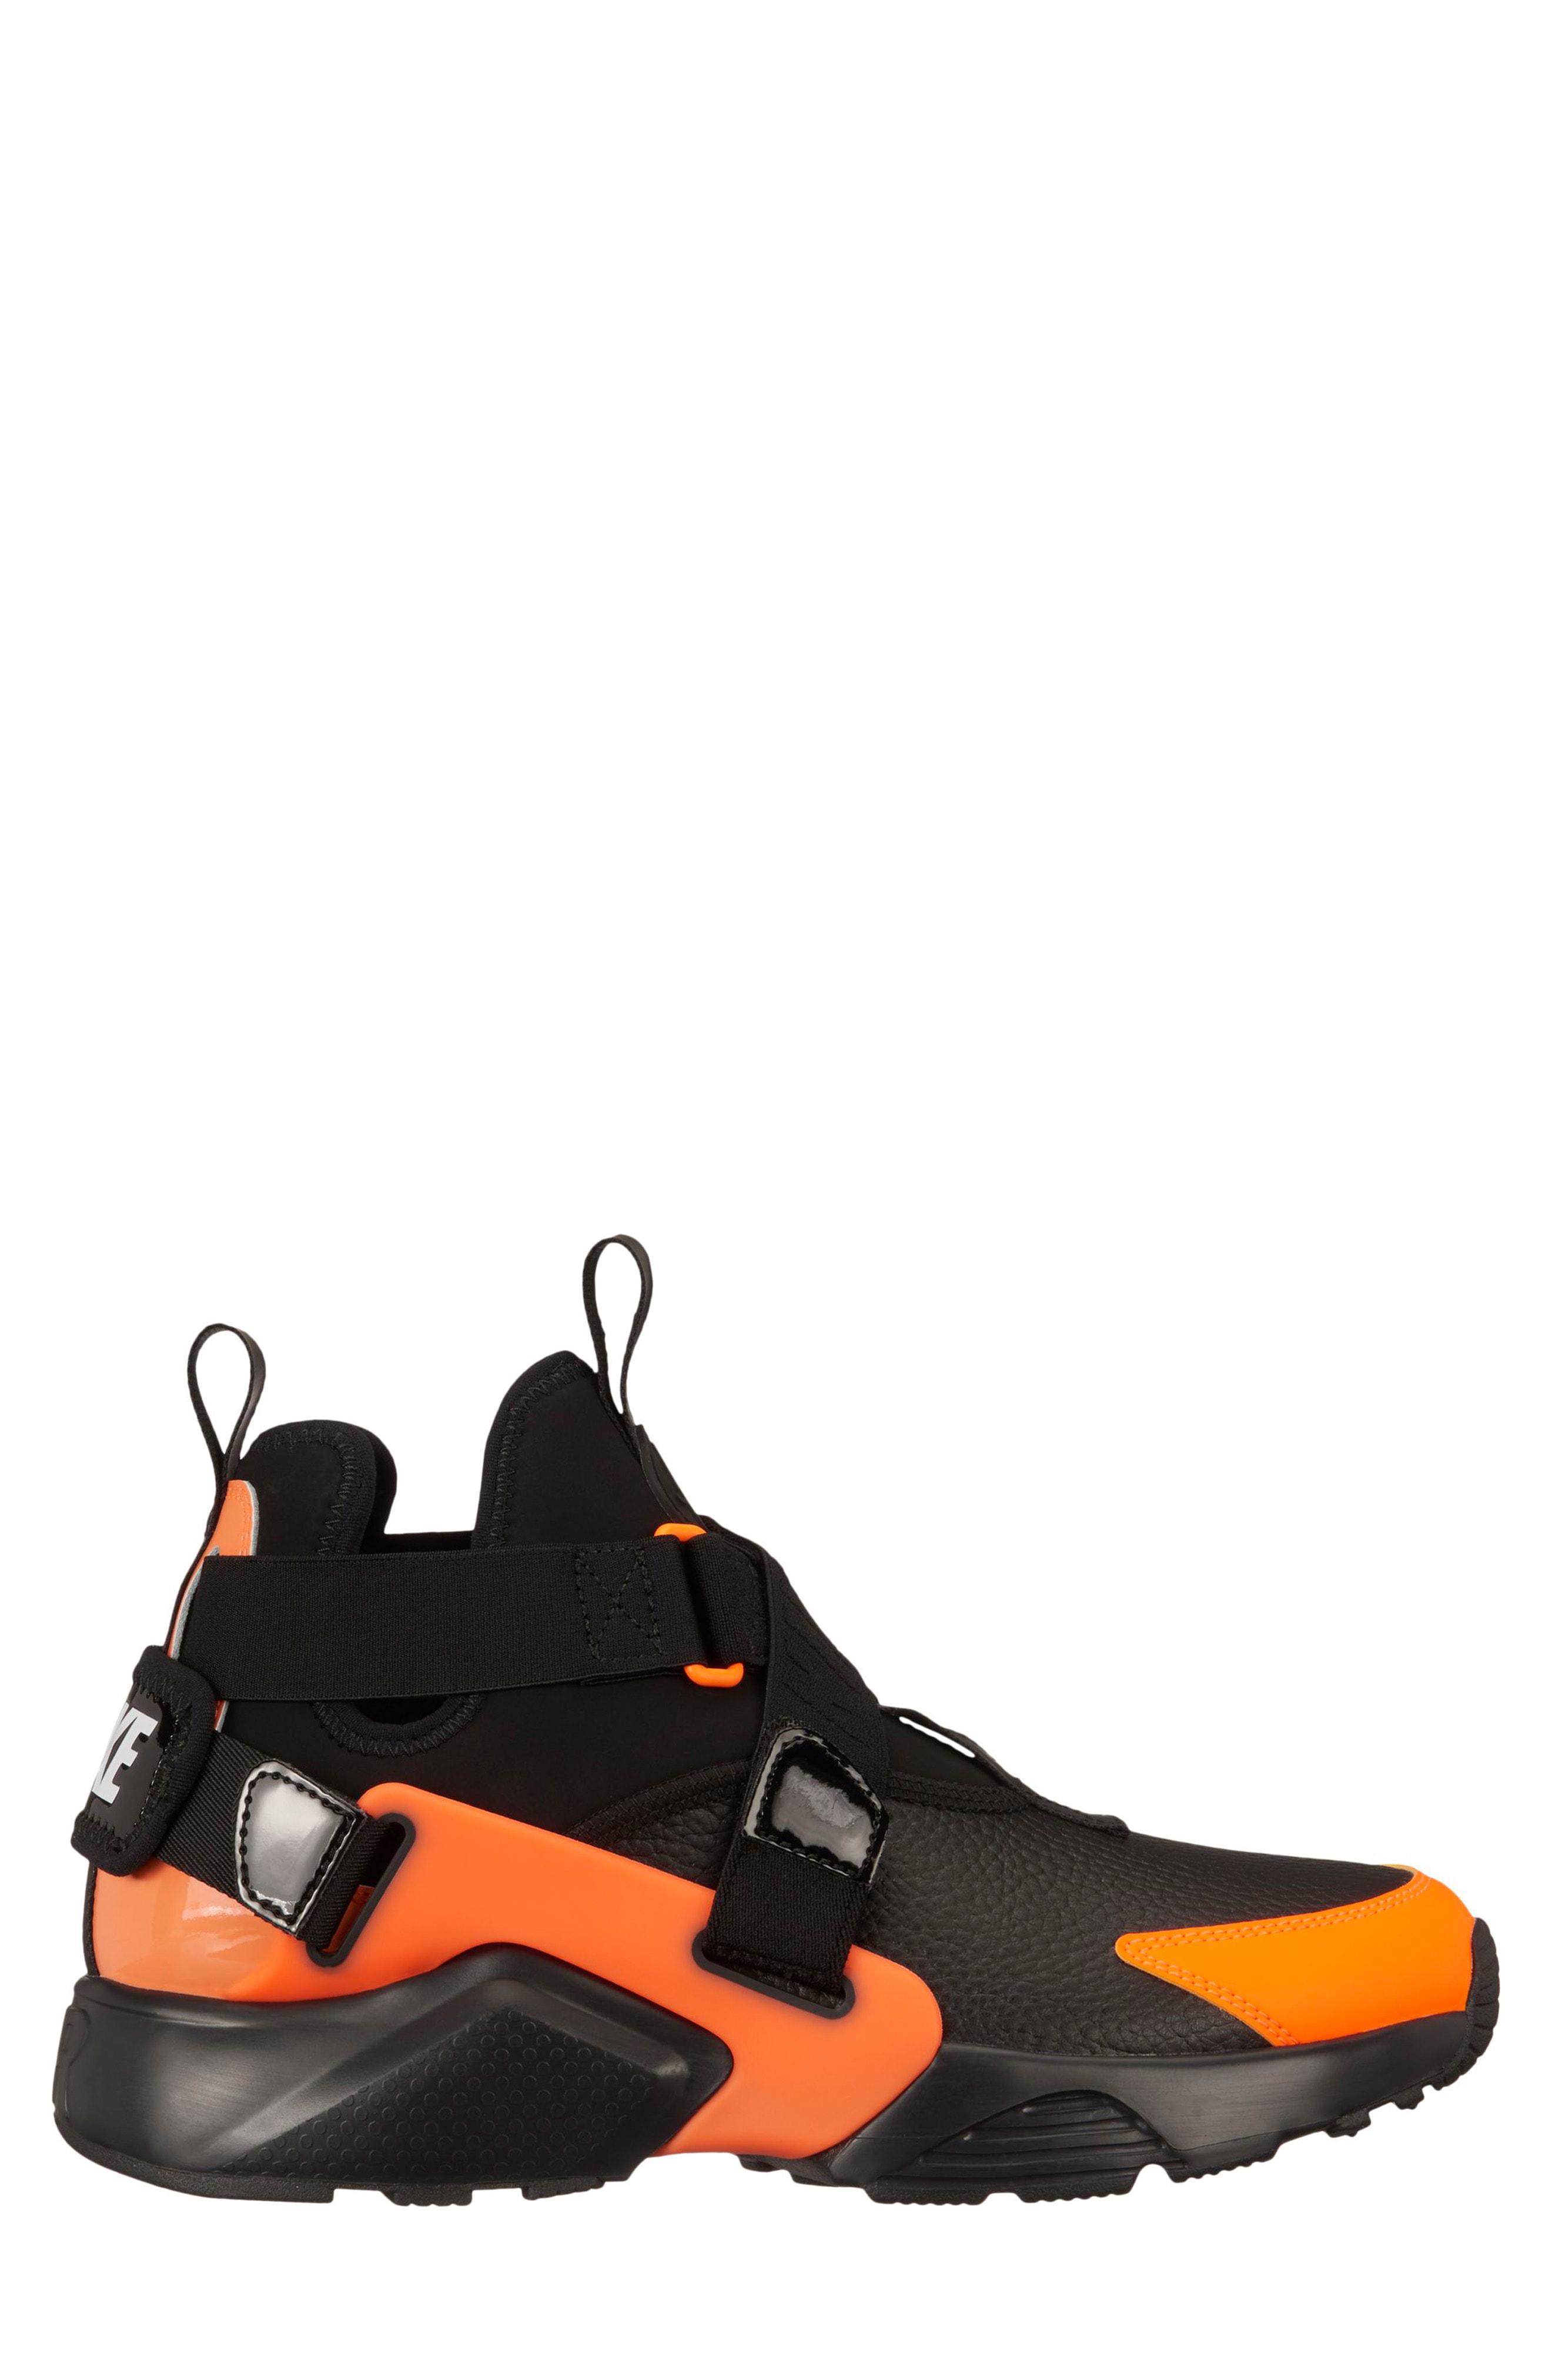 ff371c0a540db Nike Women s Air Huarache City Utility Casual Shoes